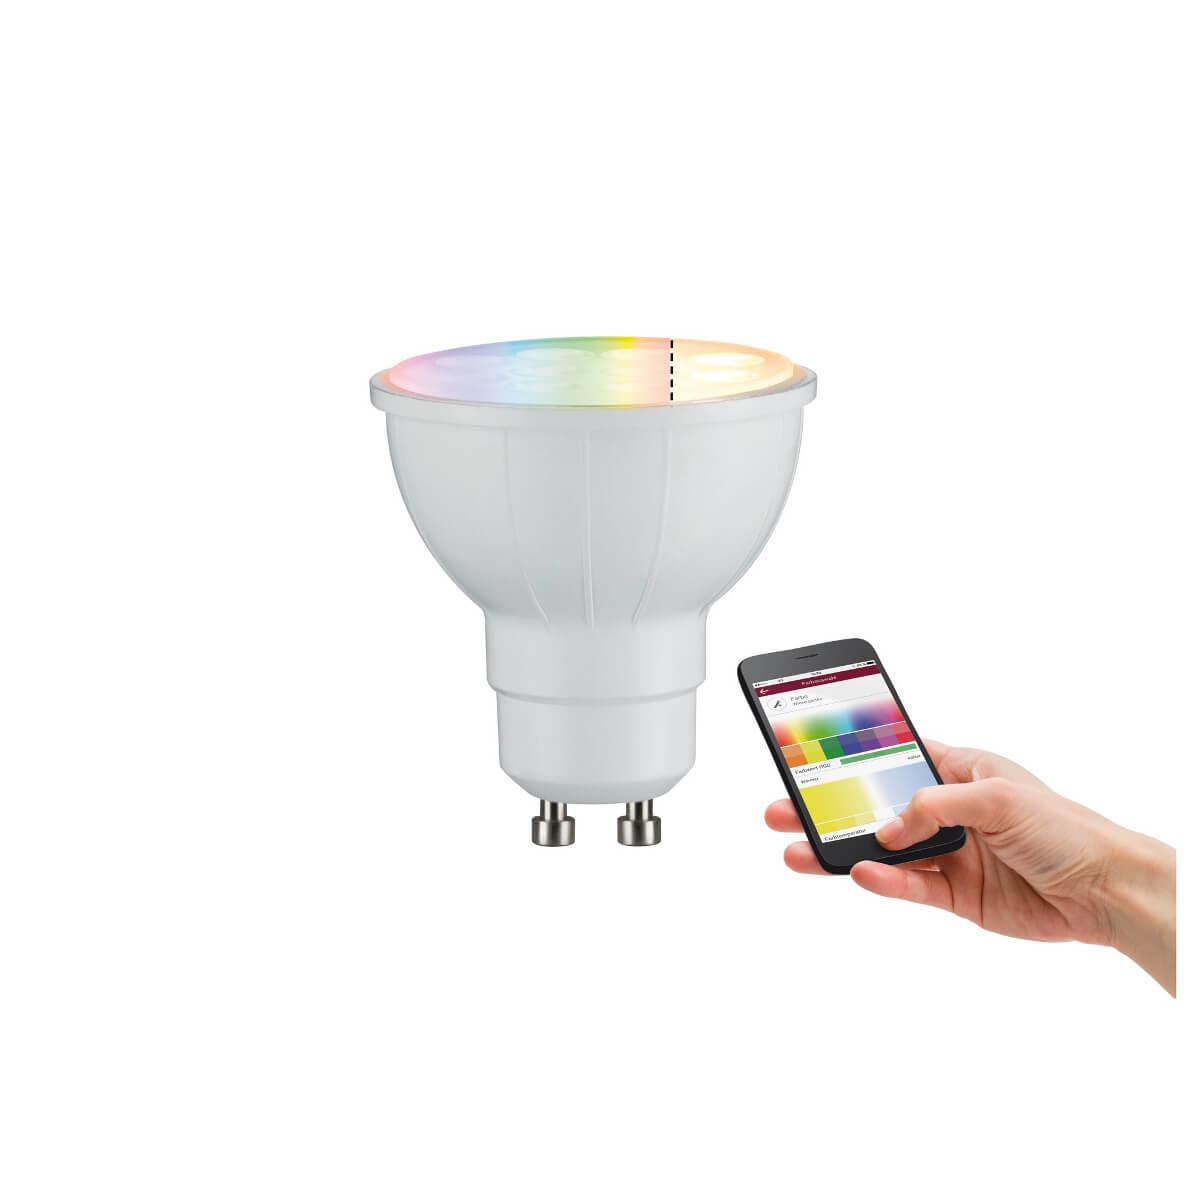 Paulmann SmartHome Zigbee LED Reflektor 3,5 W GU10 RGBW, App-Anbindung möglich